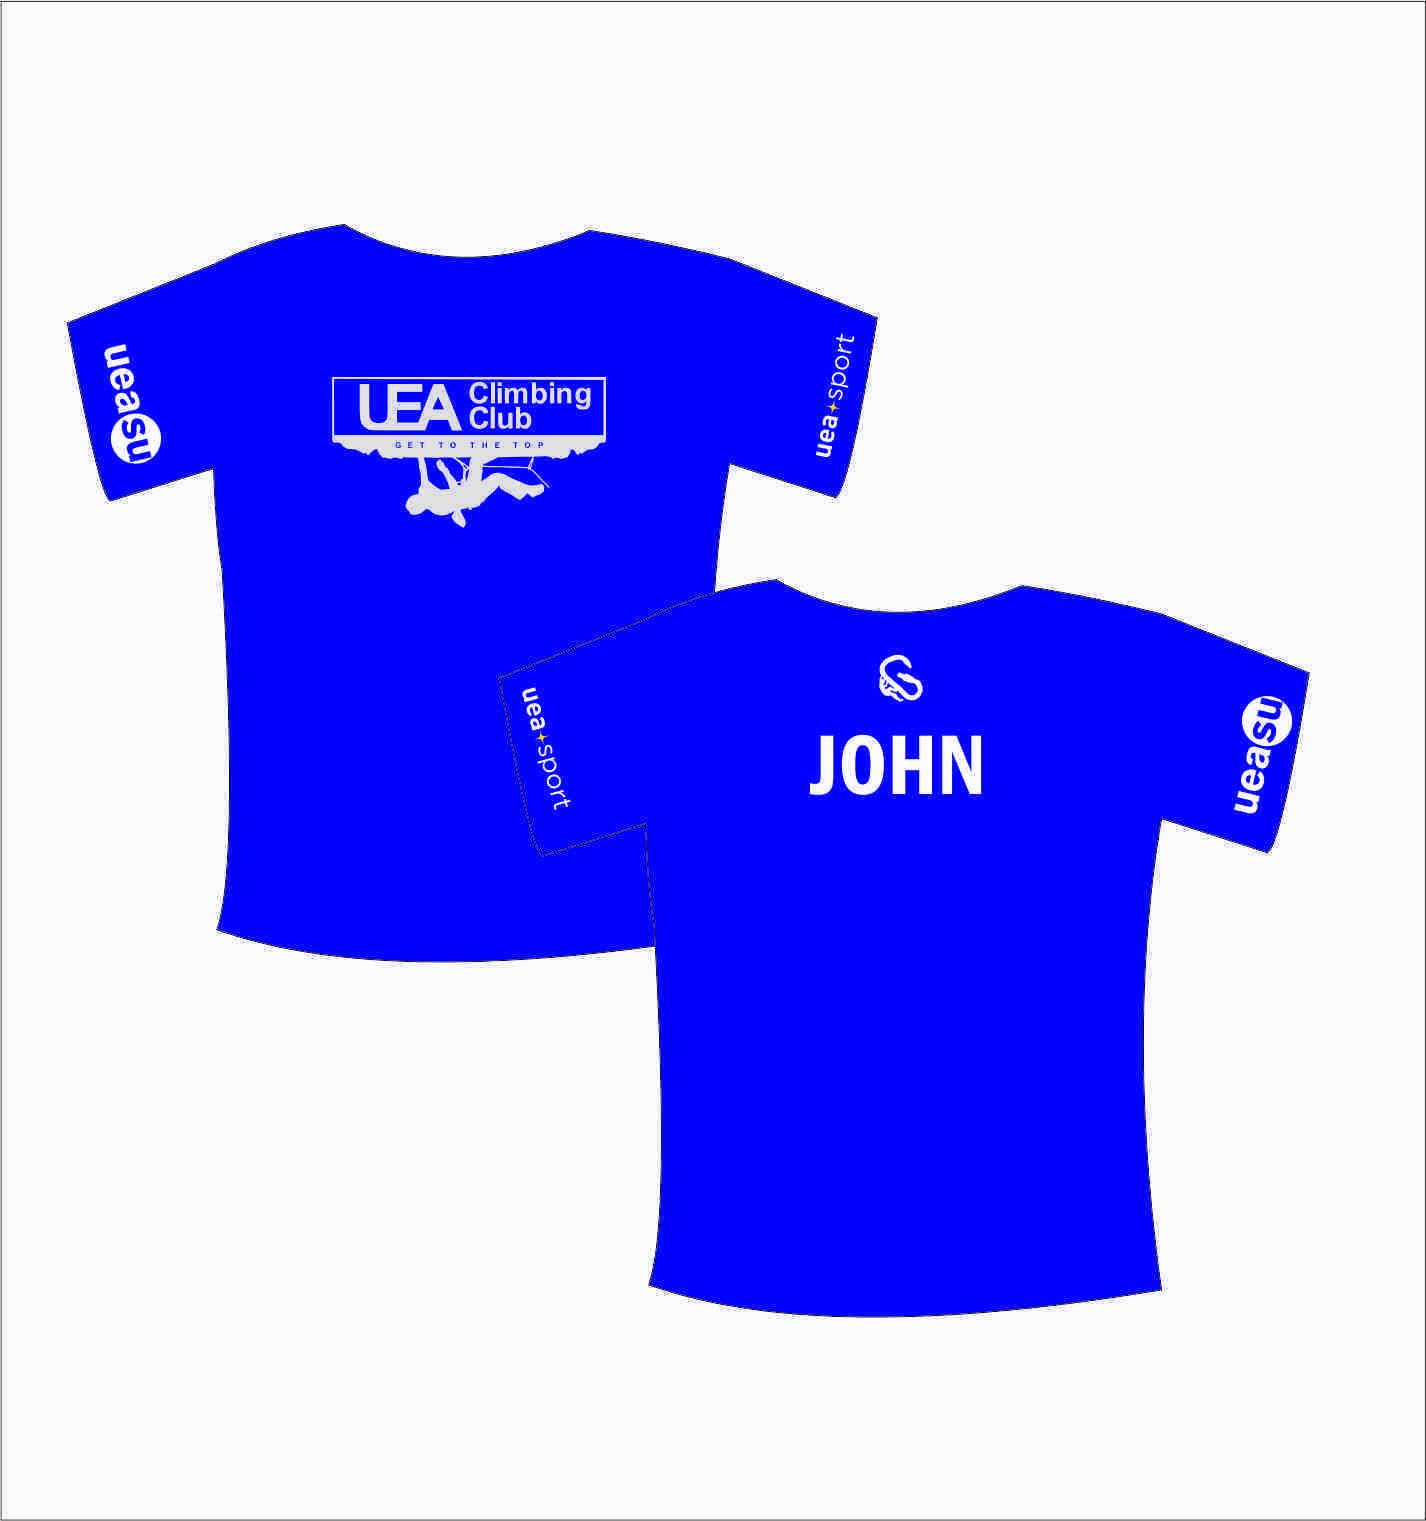 Uea - Climbing T-shirt